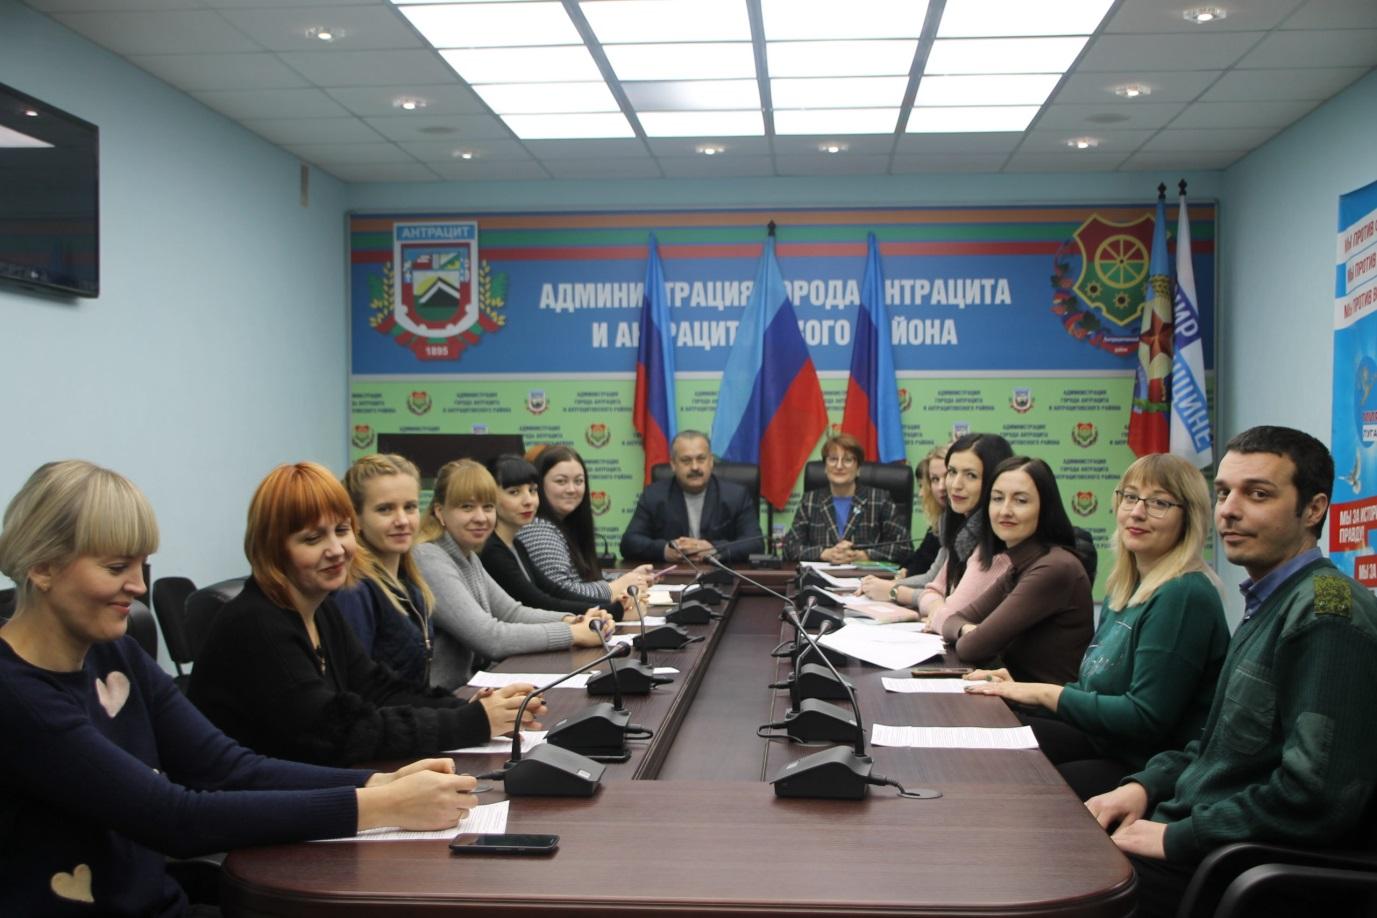 Круглый стол, посвященный Дню Государственно флага ЛНР, провели в Антраците 1